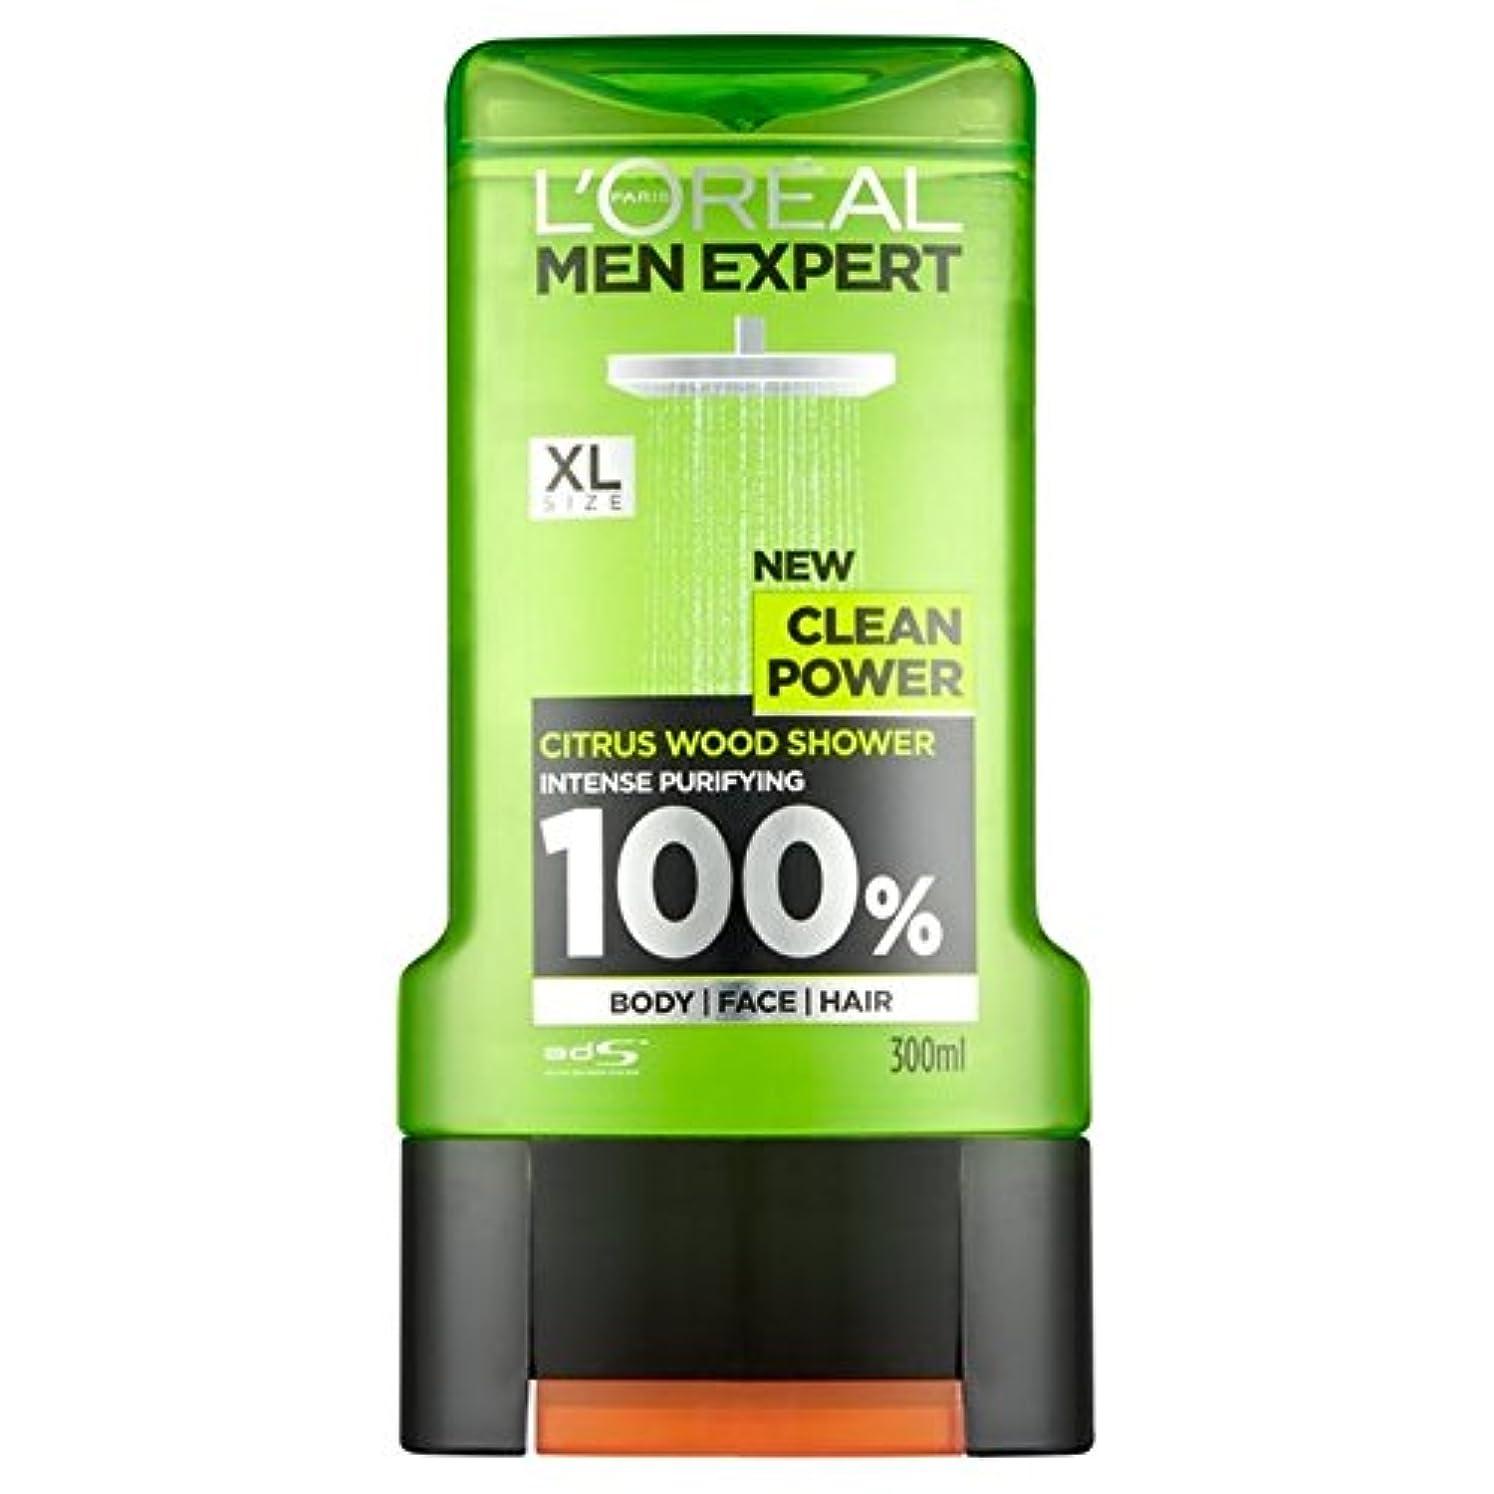 モニカ陸軍郡L'Oreal Paris Men Expert Clean Power Shower Gel 300ml (Pack of 6) - ロレアルパリの男性の専門家クリーンパワーシャワージェル300ミリリットル x6 [並行輸入品]